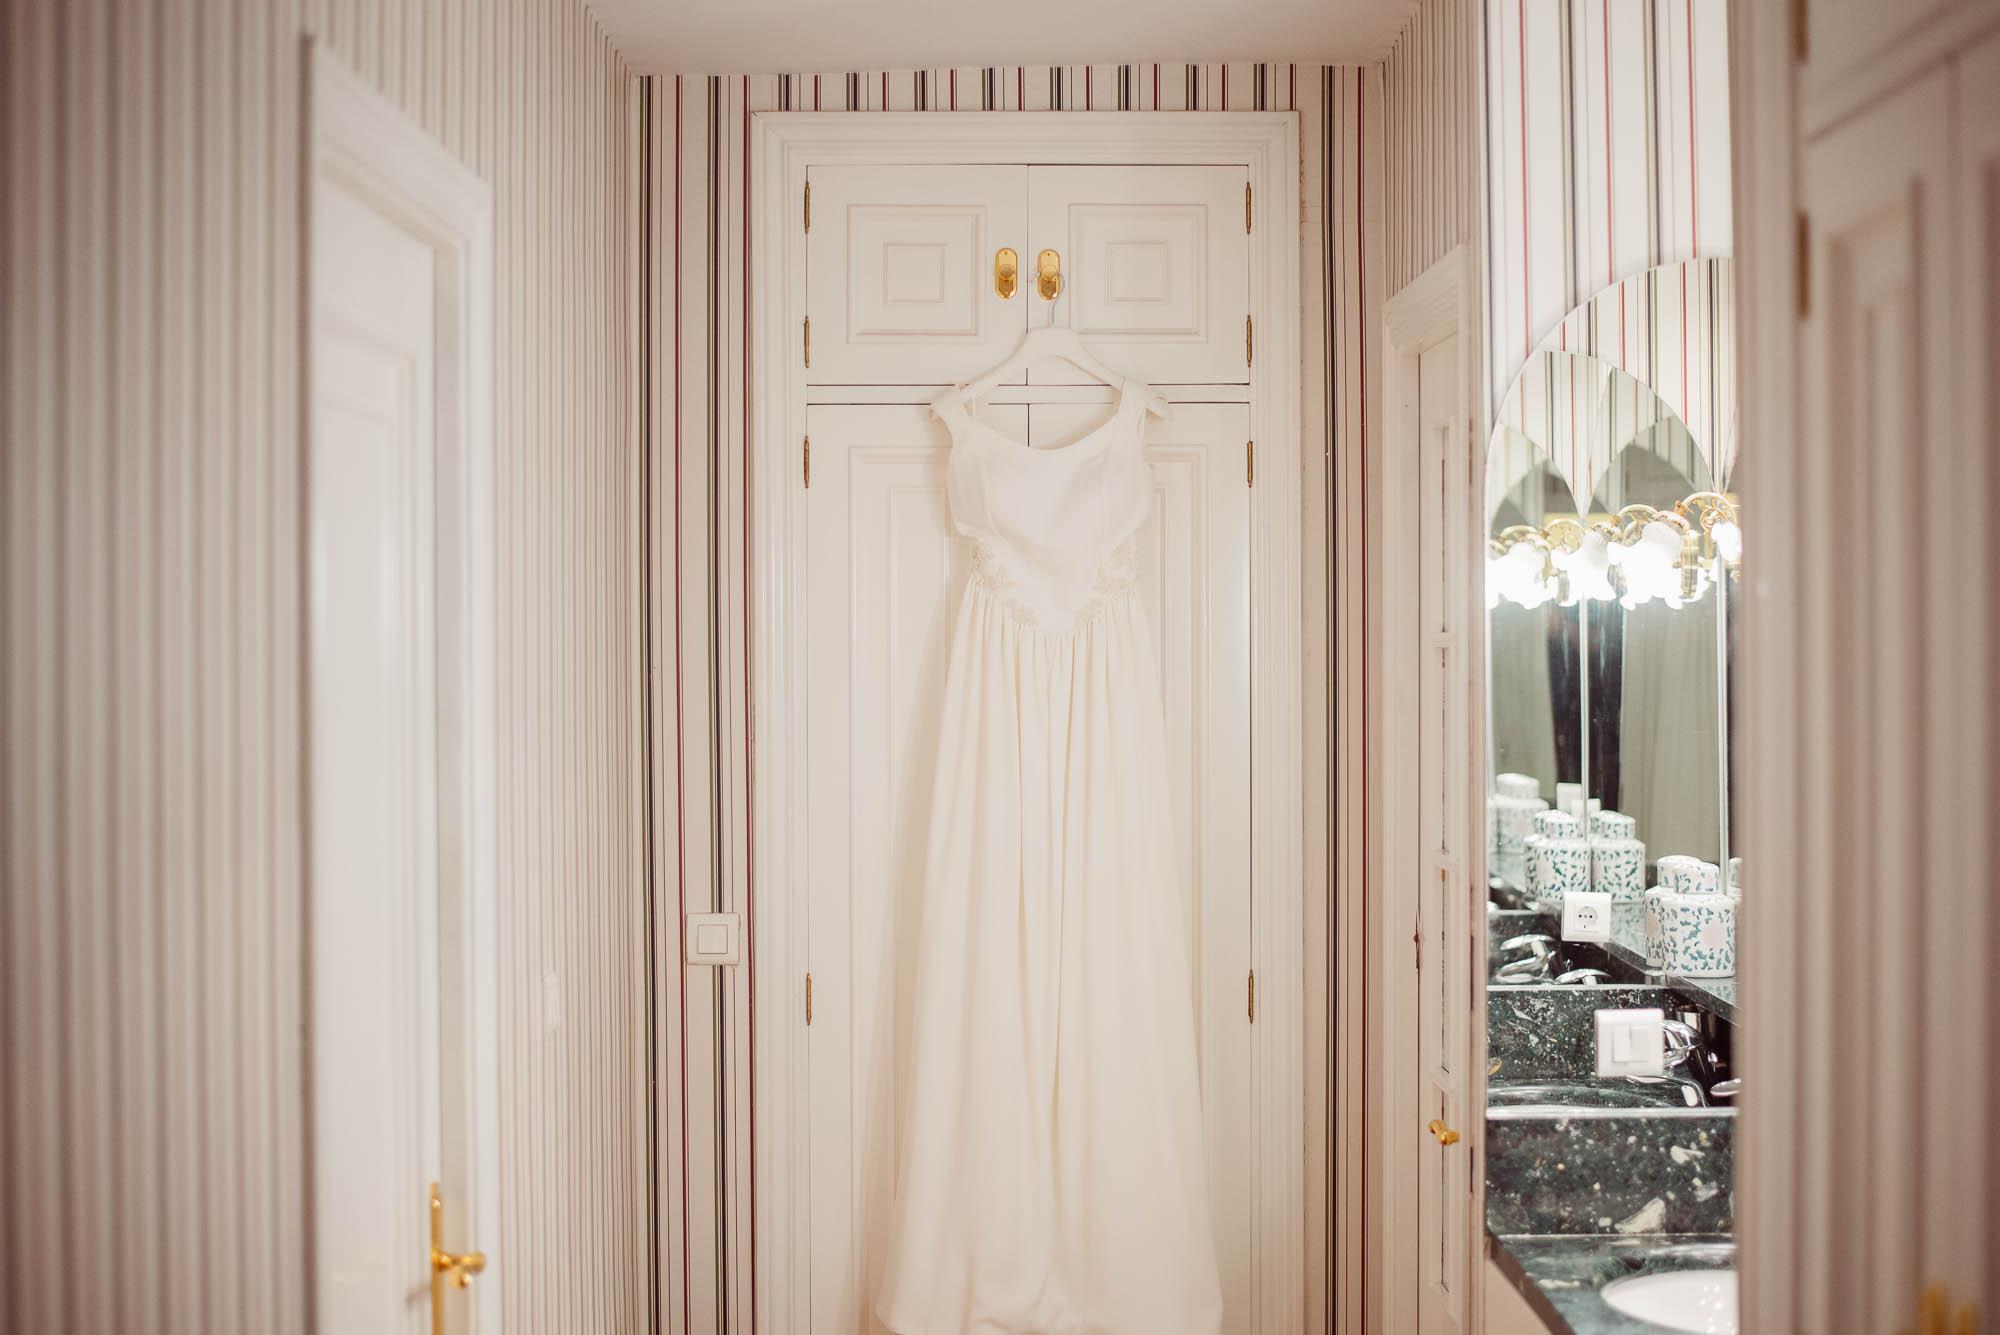 El vestido de la novia colgado de la puerta